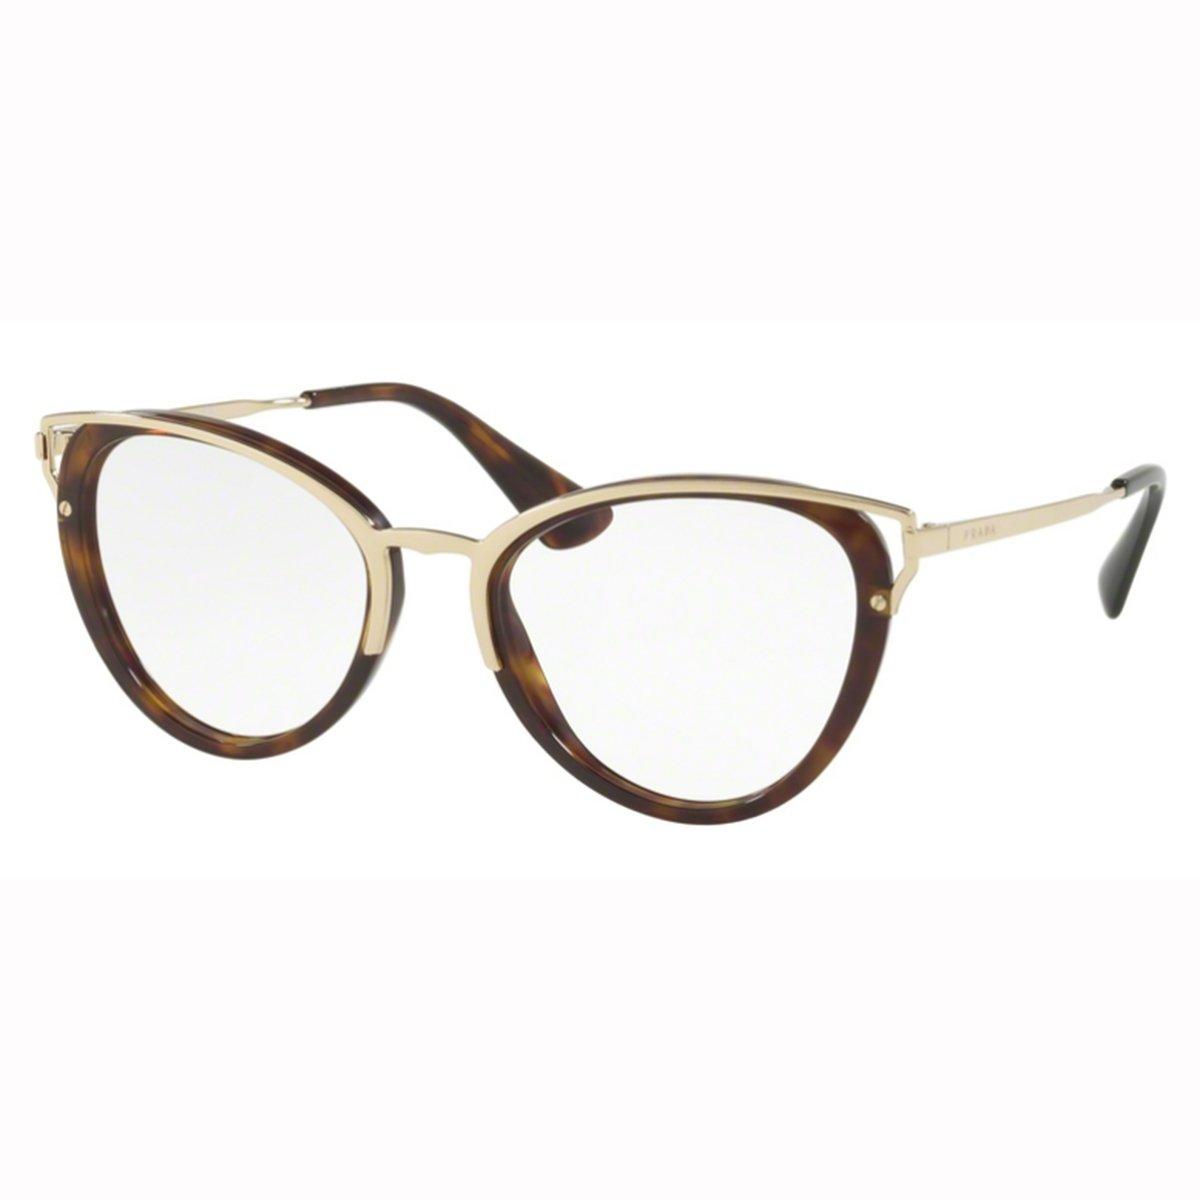 66de4944c Compre Óculos de Grau Prada em 10X | Tri-Jóia Shop